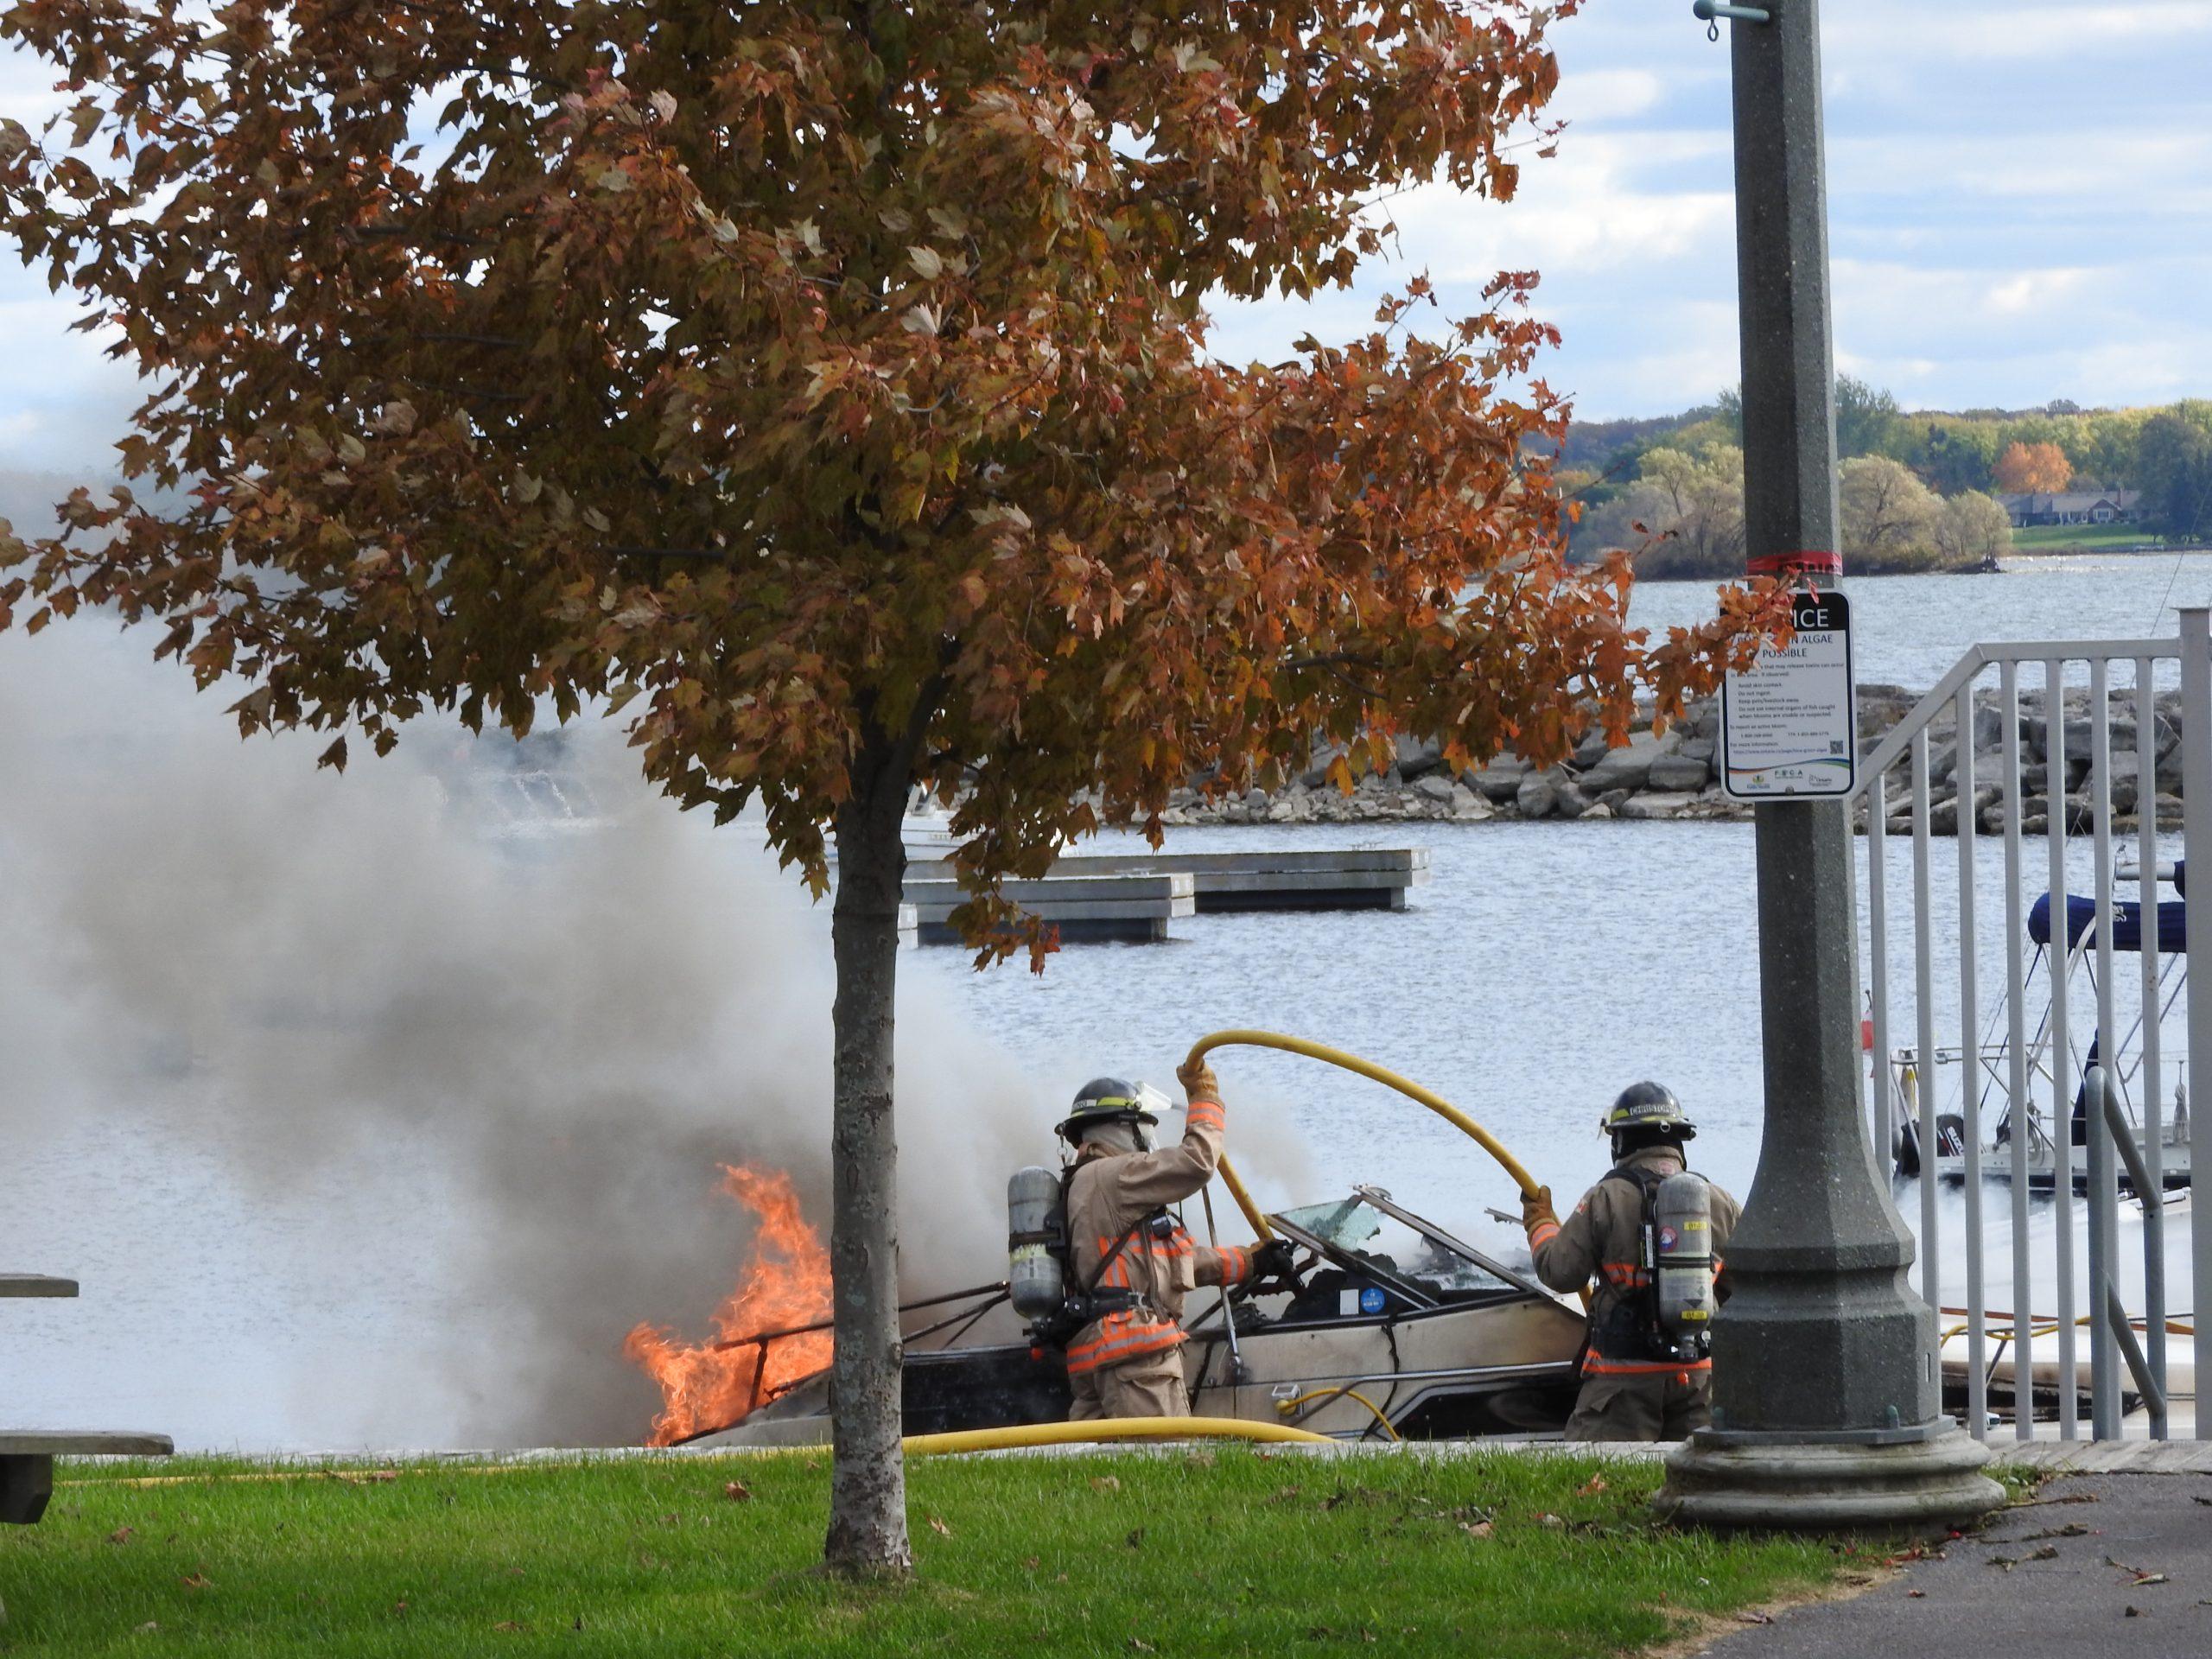 Boat fire at Meyers Pier in Belleville